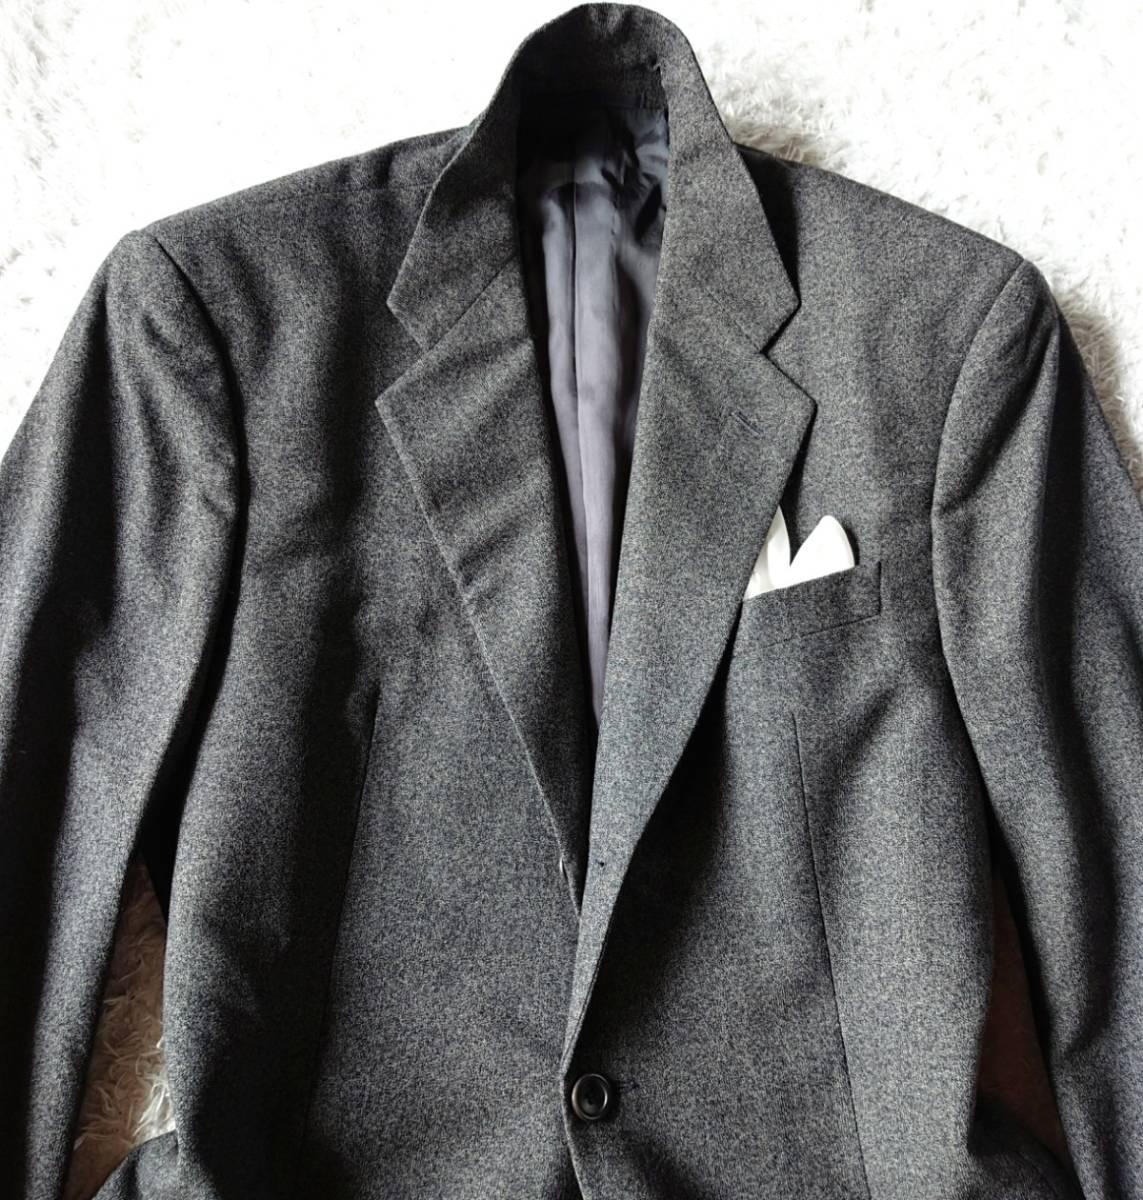 最高級ビジネスライン 極上ヴァージンウール100% 柔らか高級な肌触★ アルマーニ コレツィオーニ スーツ セットアップ メンズ ダークグレー_画像3